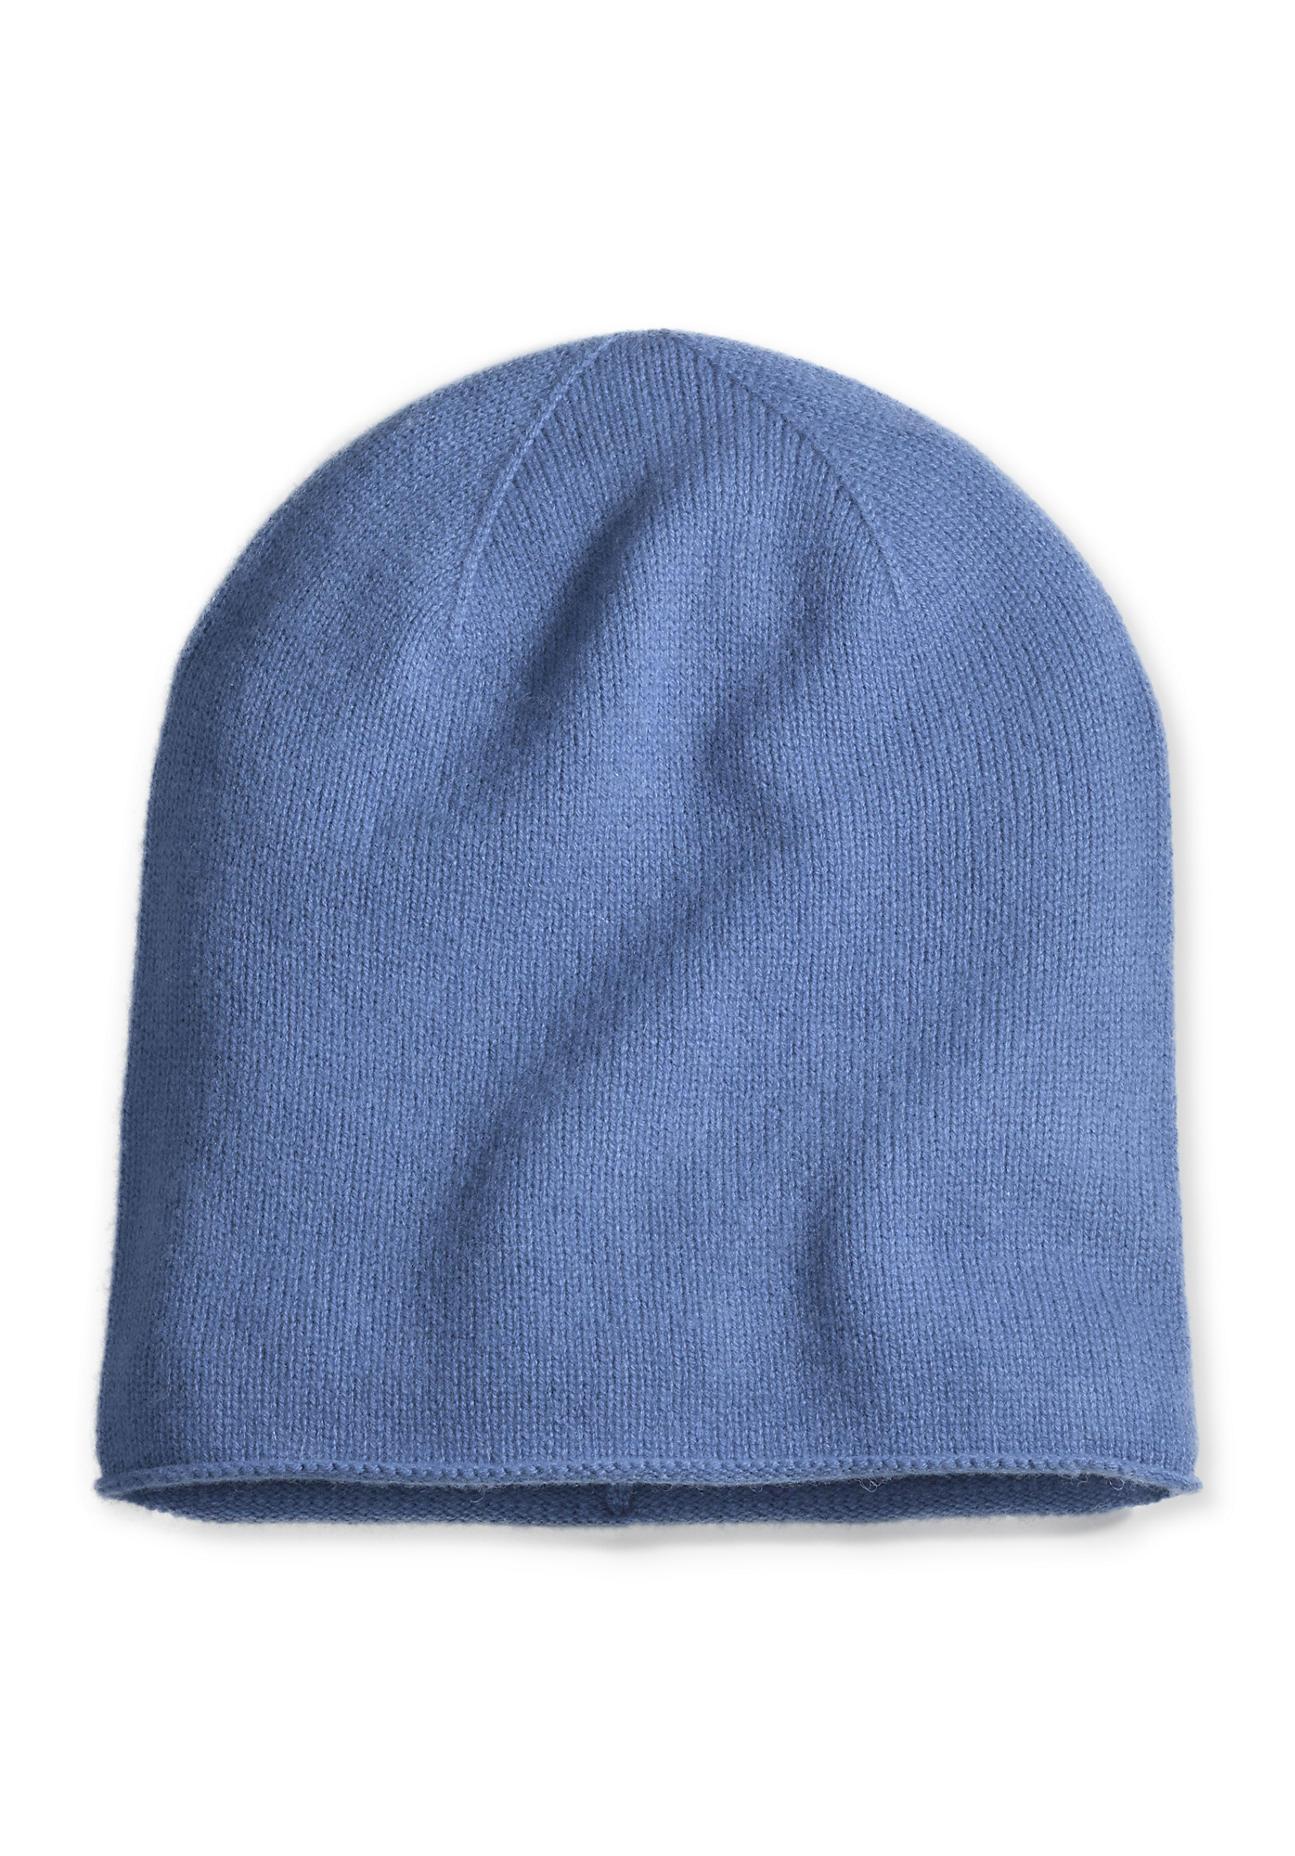 Muetzen für Frauen - hessnatur Damen Damen Mütze aus Schurwolle mit Kaschmir – blau –  - Onlineshop Hessnatur